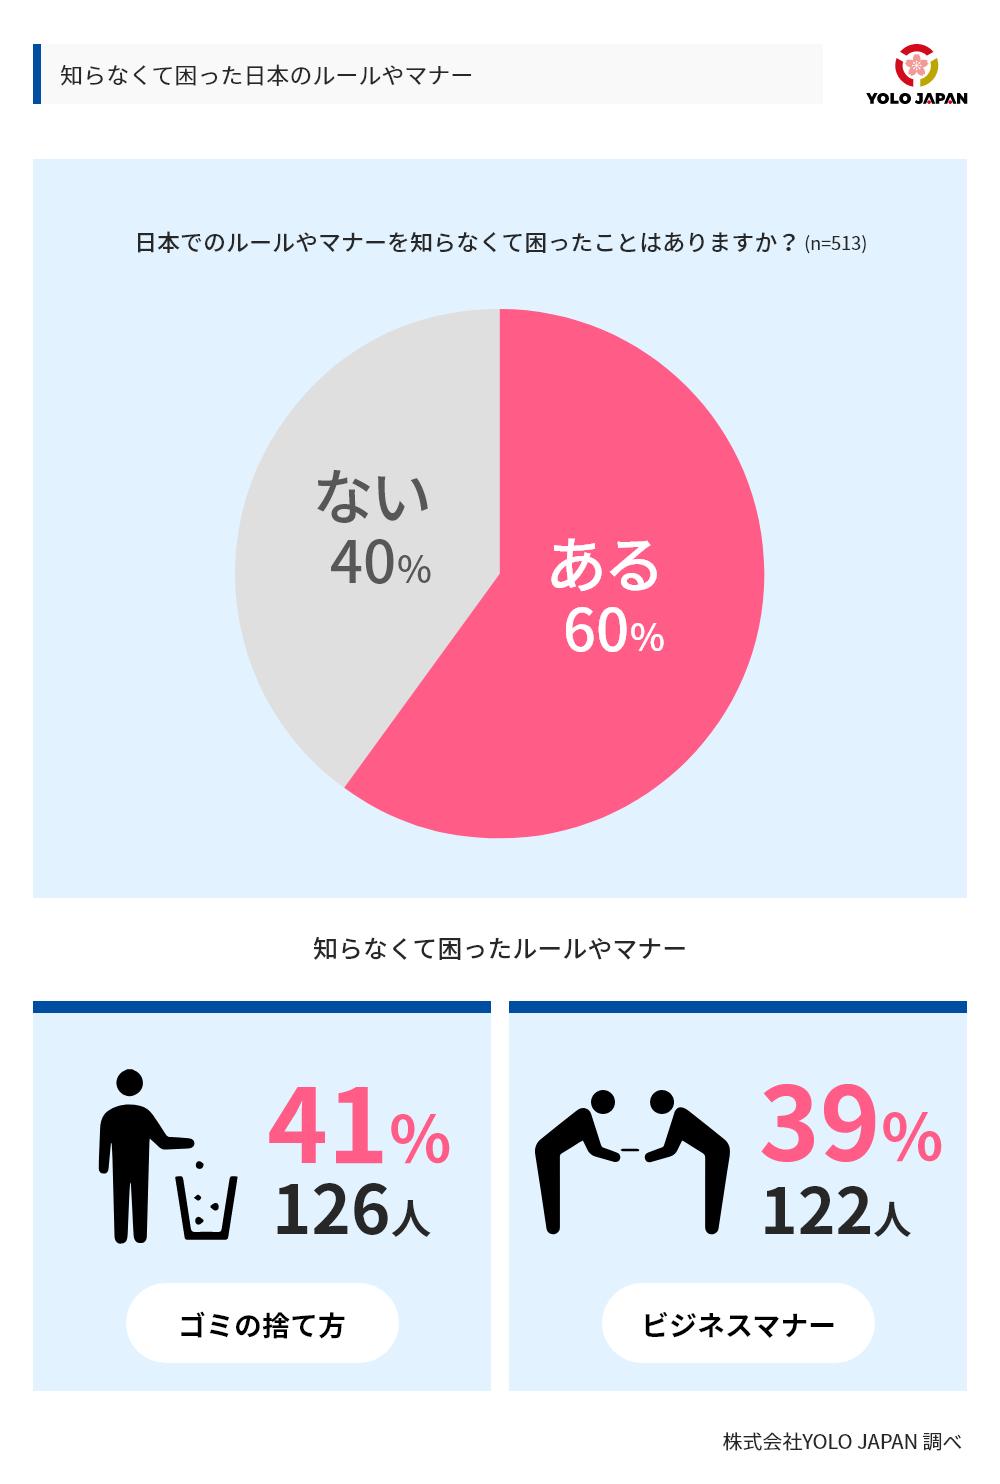 知らなくて困った日本のルールやマナーについてのグラフ。日本でのルールやマナーを知らなくて困ったことがありますかという設問に対し、513人のうち60%があると回答。知らなくてこまったルールやマナーの2トップは、ごみの捨てかた(41%、126人)とビジネスマナー(39%、122人)であった。